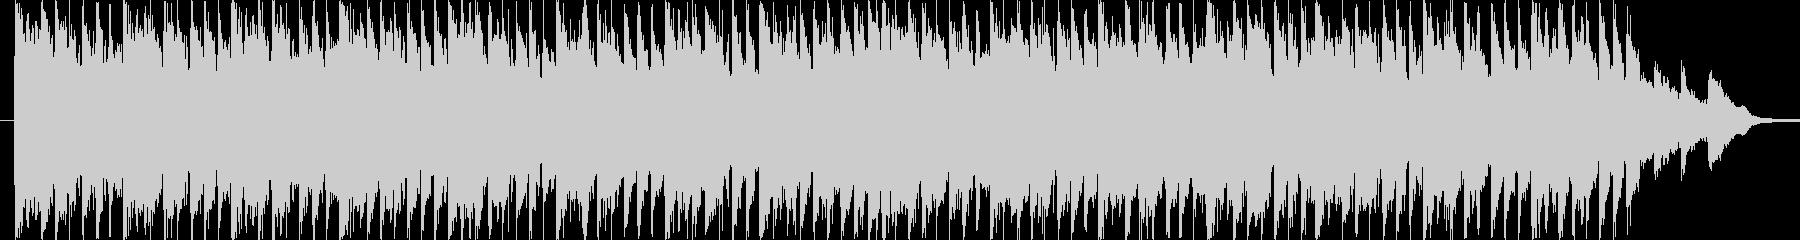 リズミックなポップBGM(30ver)の未再生の波形